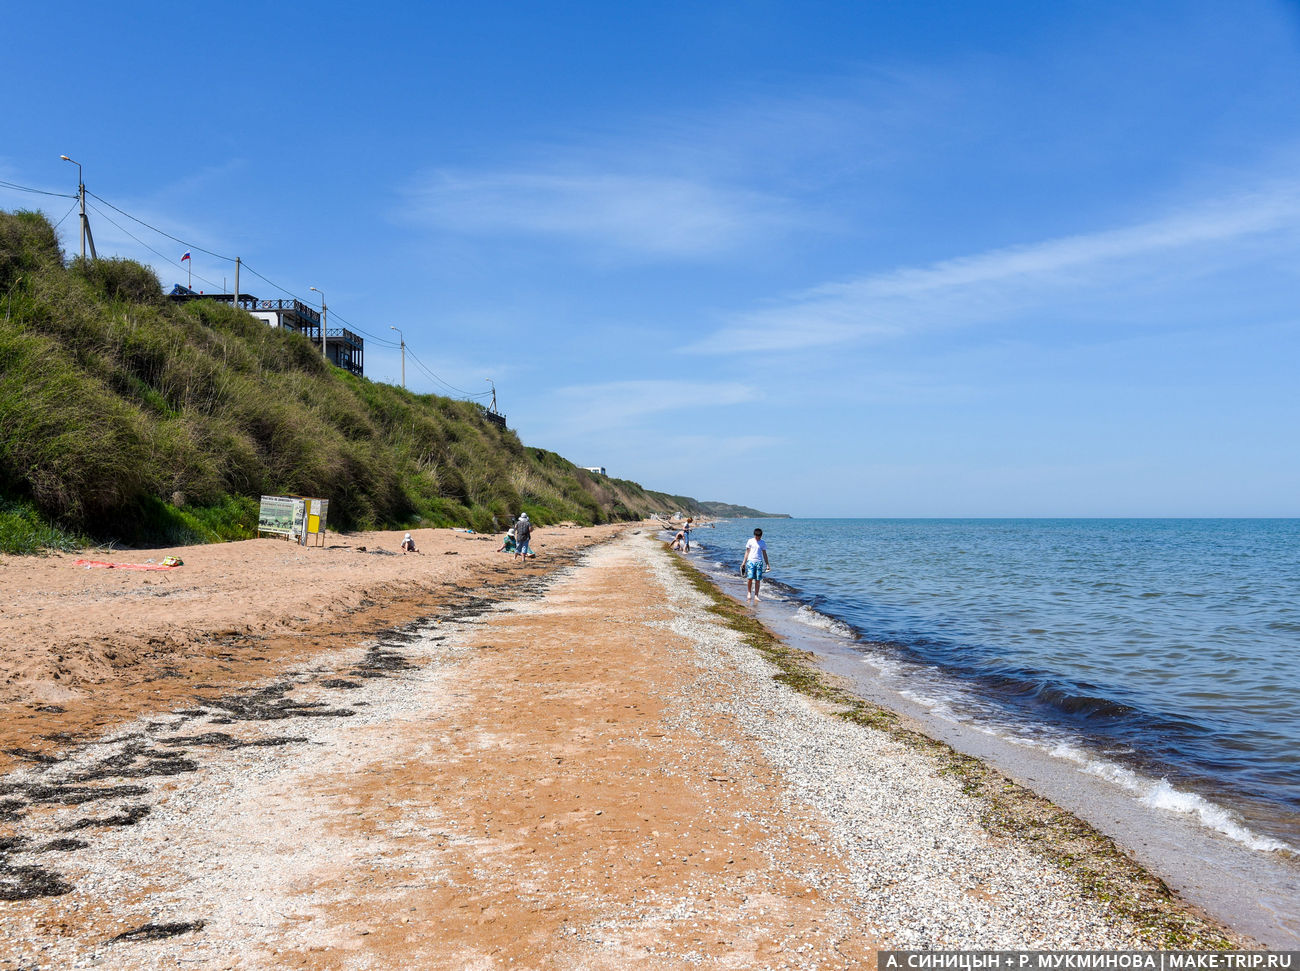 Песчаные пляжи для отдыха с детьми в Краснодарского края